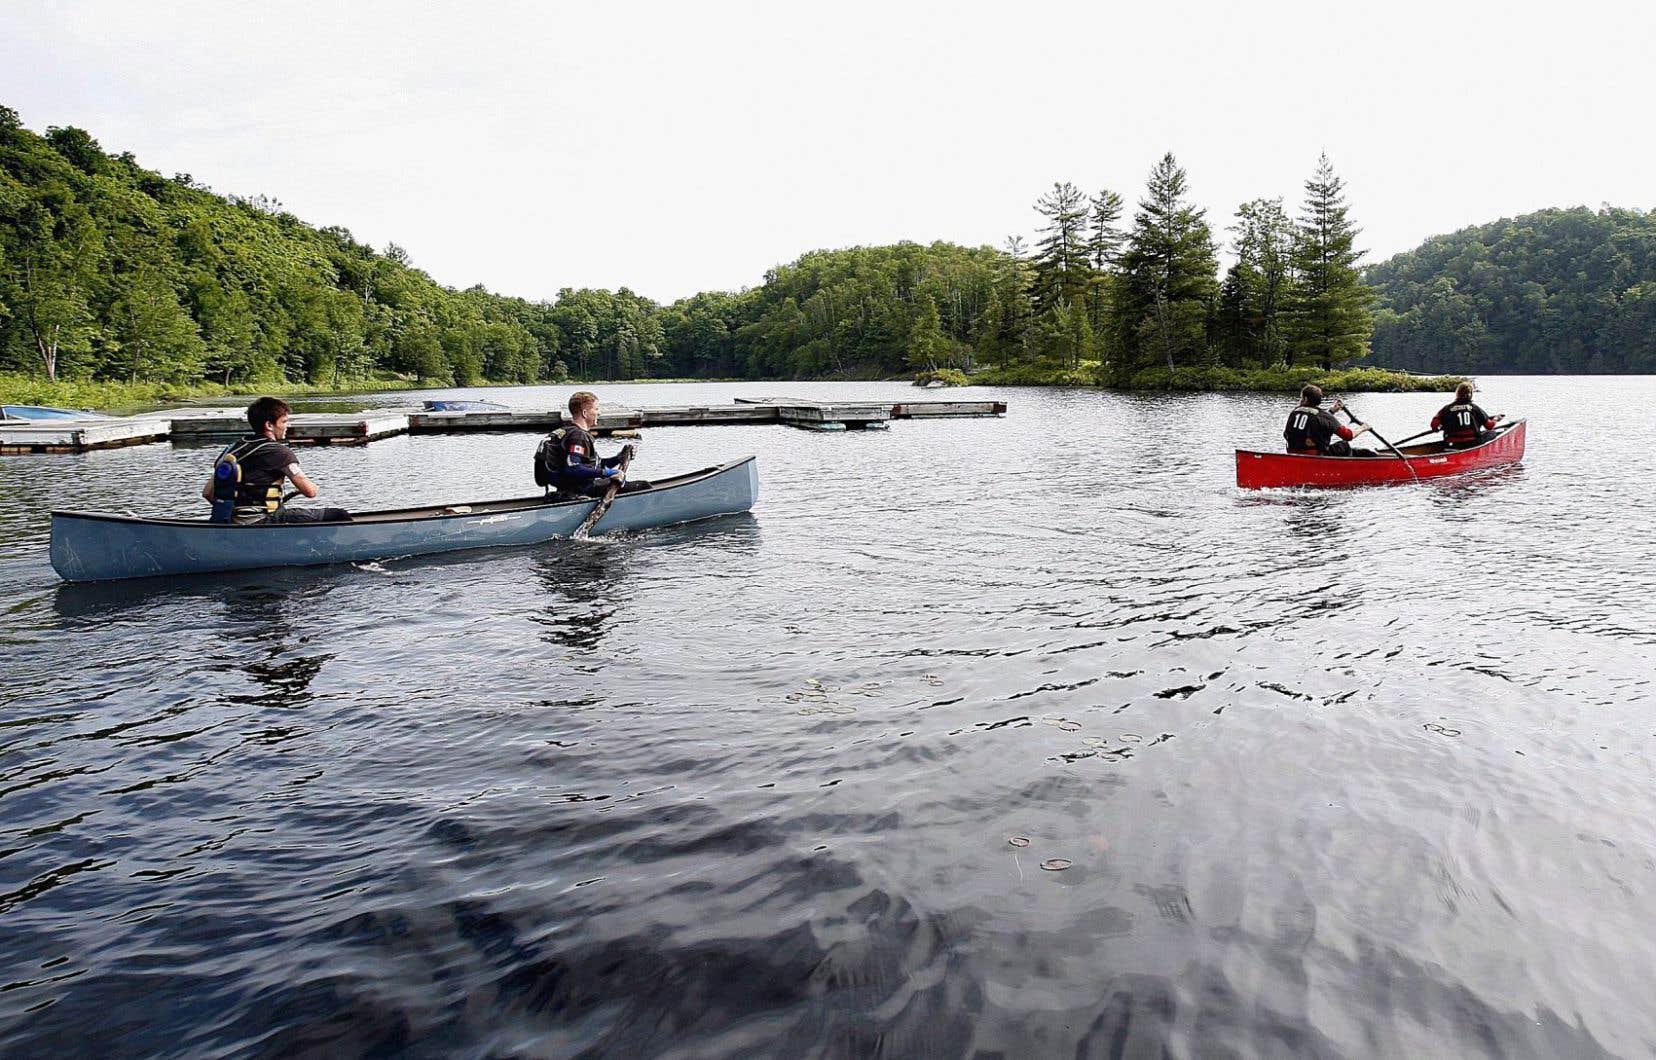 Le Québec compte 3,5millions de plans d'eau sur son territoire, mais à peine 60000 d'entre eux ont un nom officiel enregistré à la Commission de la toponymie.